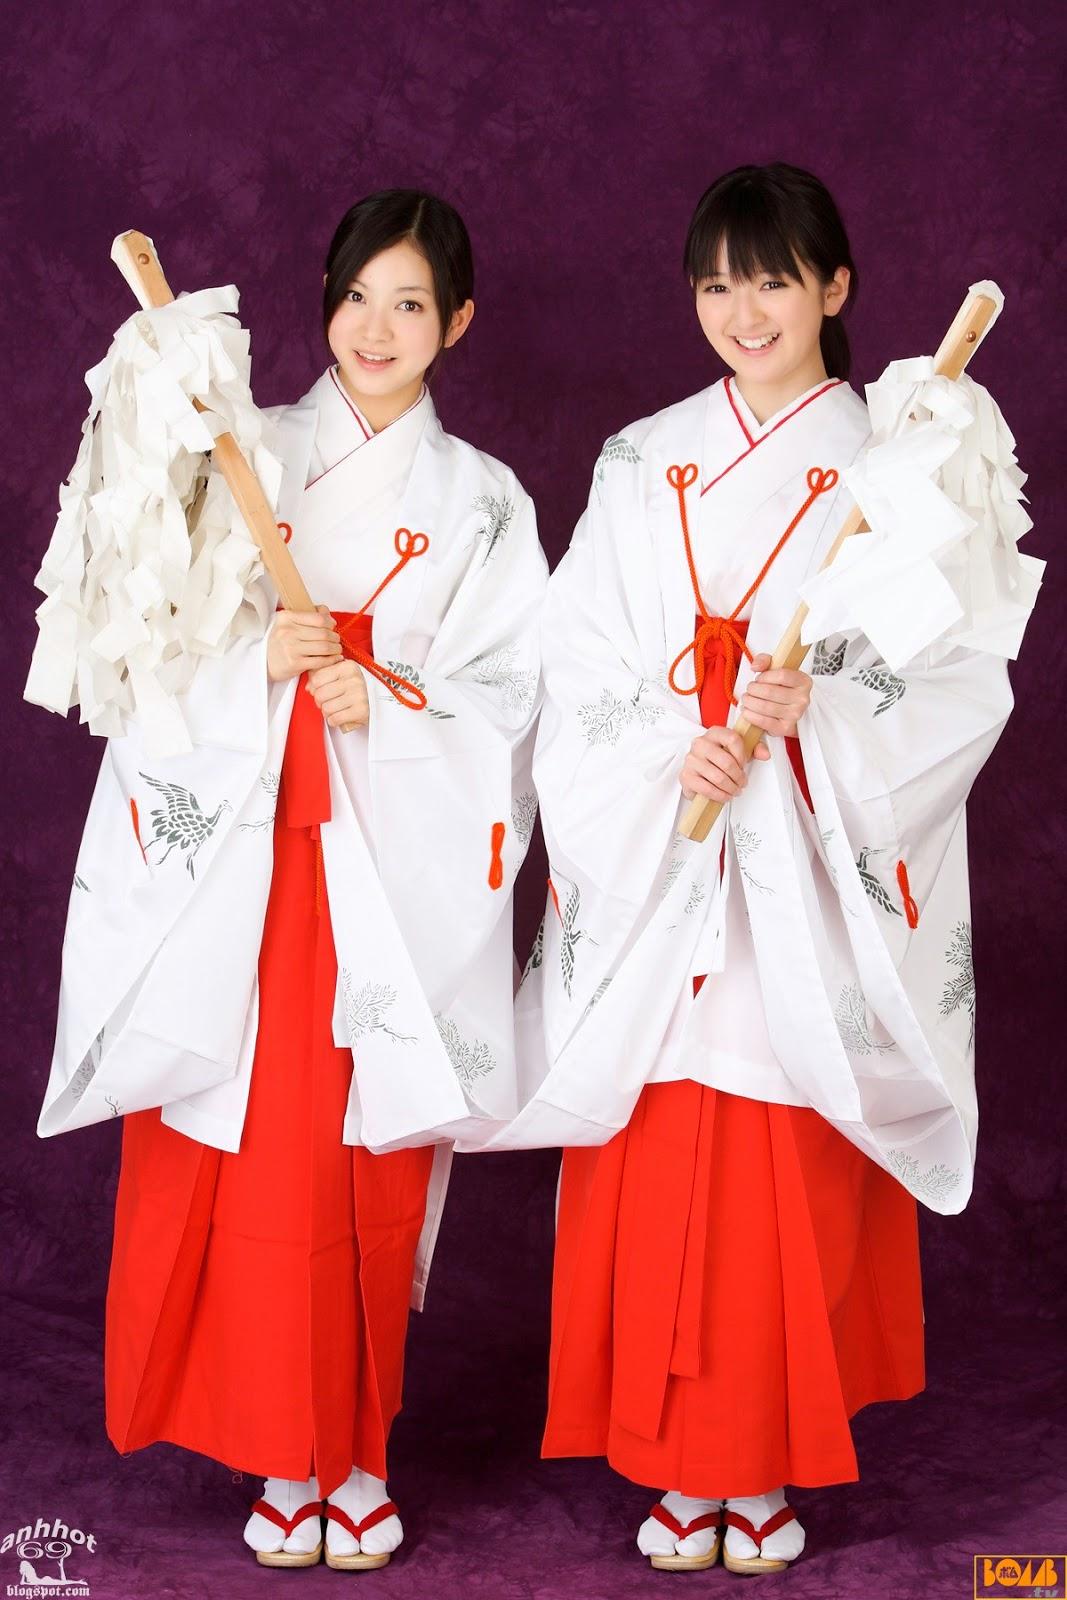 saki-takayama-01316309